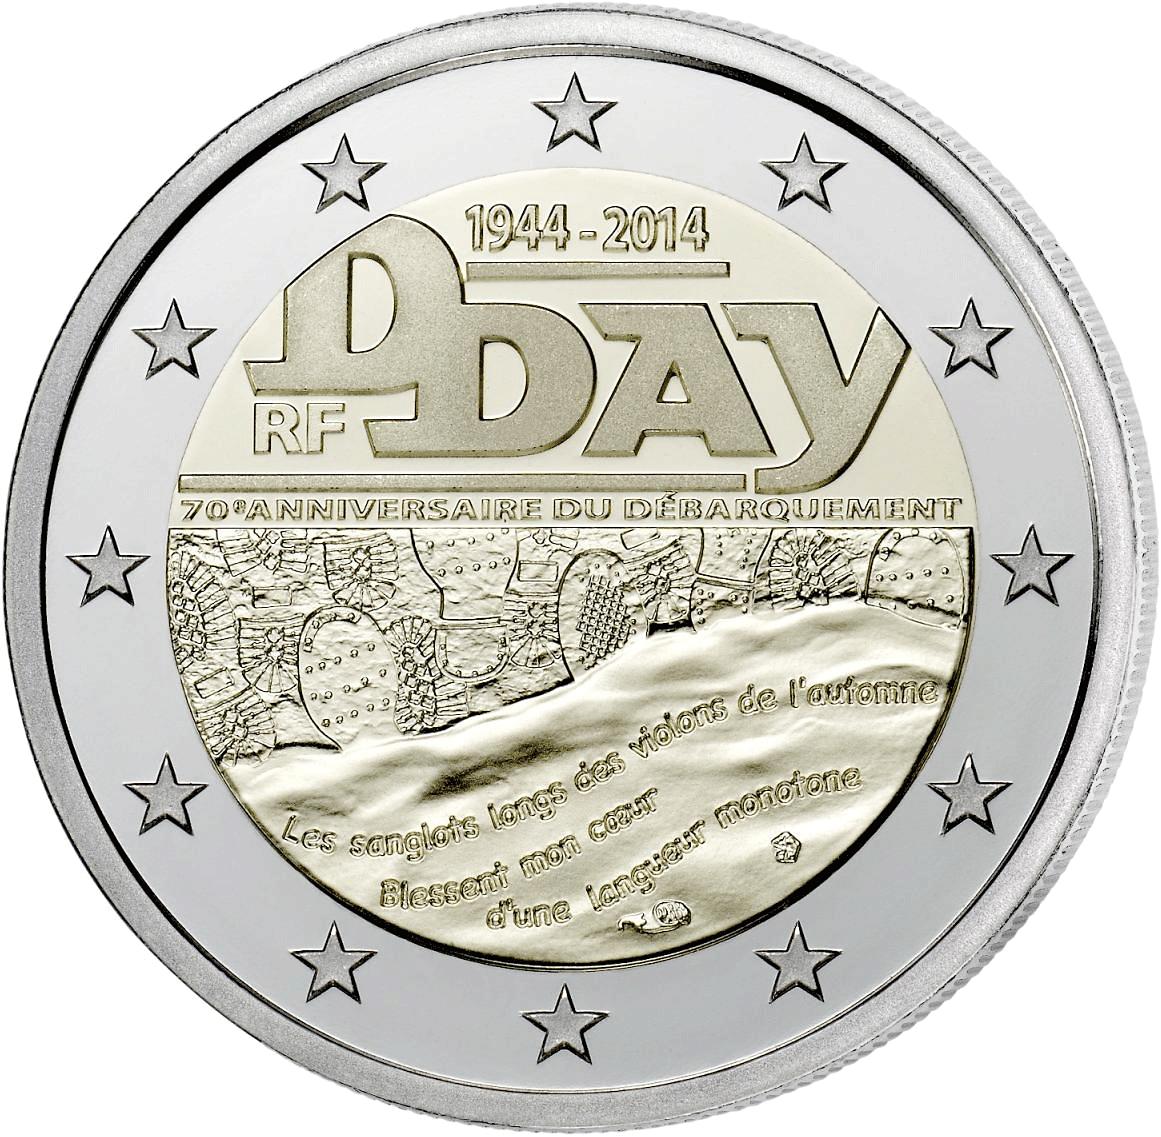 2 Euro Münze Frankreich 70 Jahre Dday 2014 Bfr Münzen Günstigerde